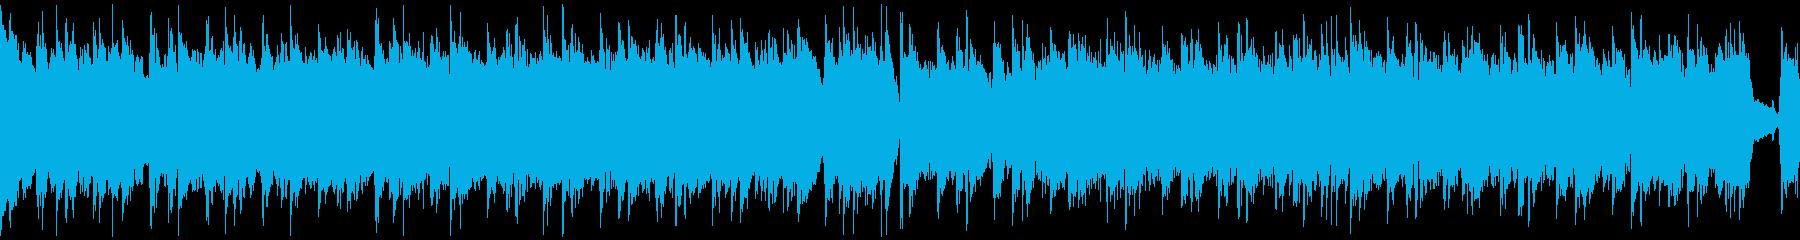 【ループ仕様】かっこいいロックギターリフの再生済みの波形